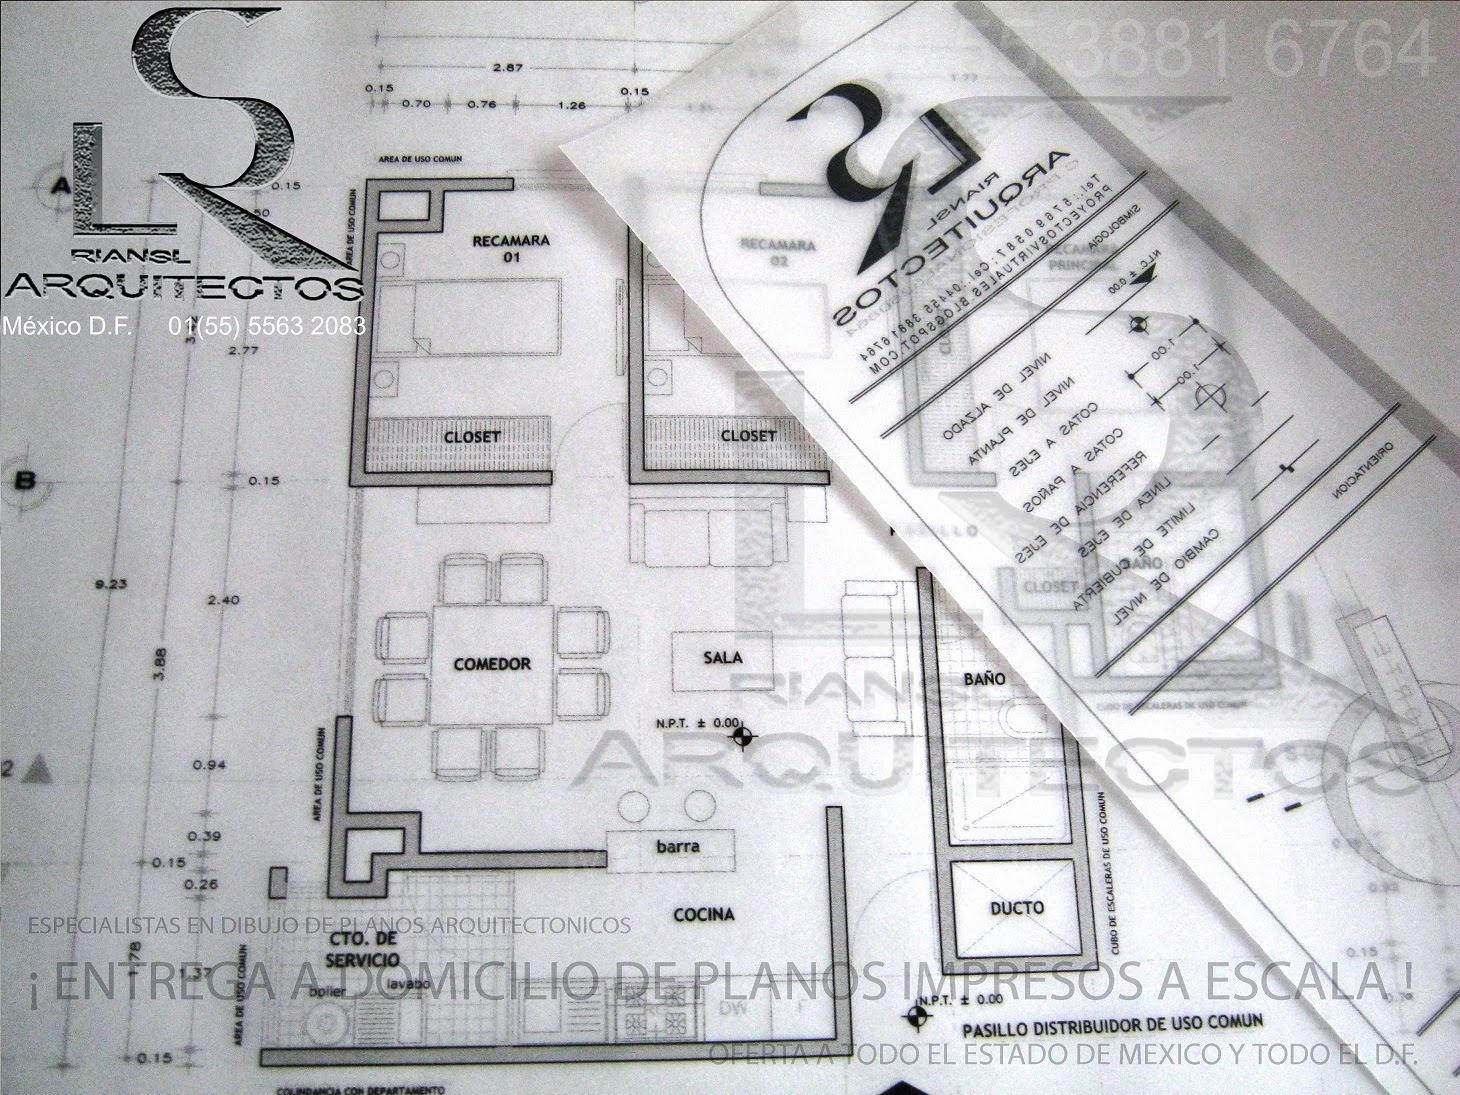 Especialistas en dibujo de planos arquitectonicos de casa for Pie de plano arquitectonico